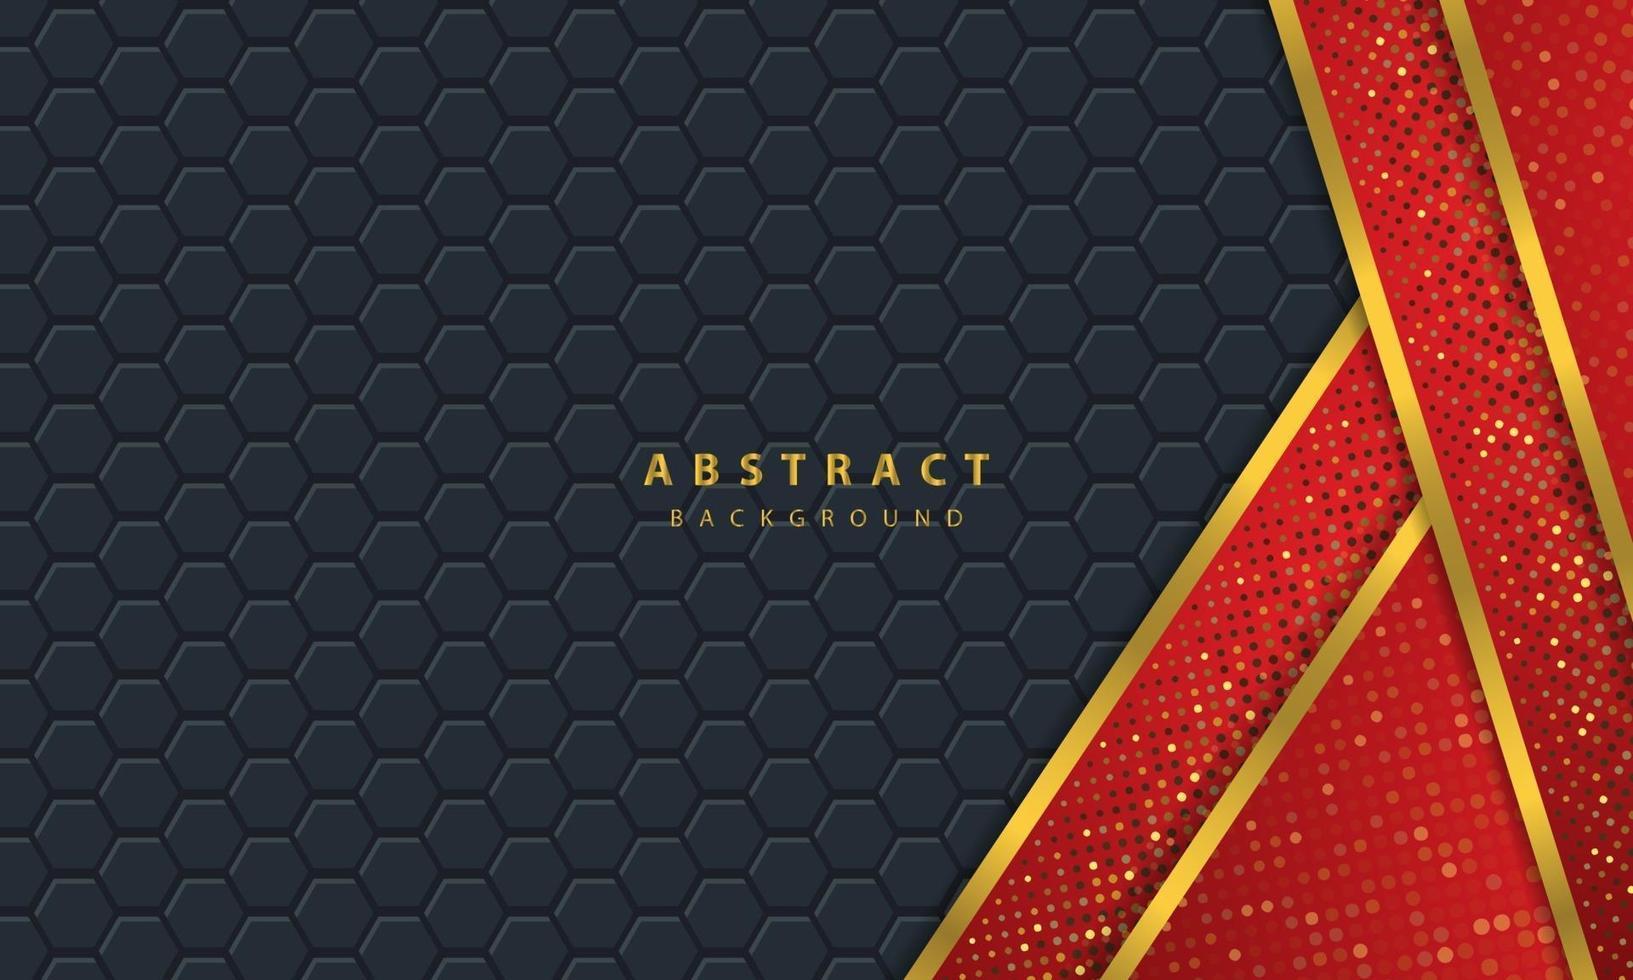 mörk abstrakt bakgrund med svarta överlappande lager. konsistens med gyllene linjen effekt element dekoration. röd bakgrundsvektor. vektor